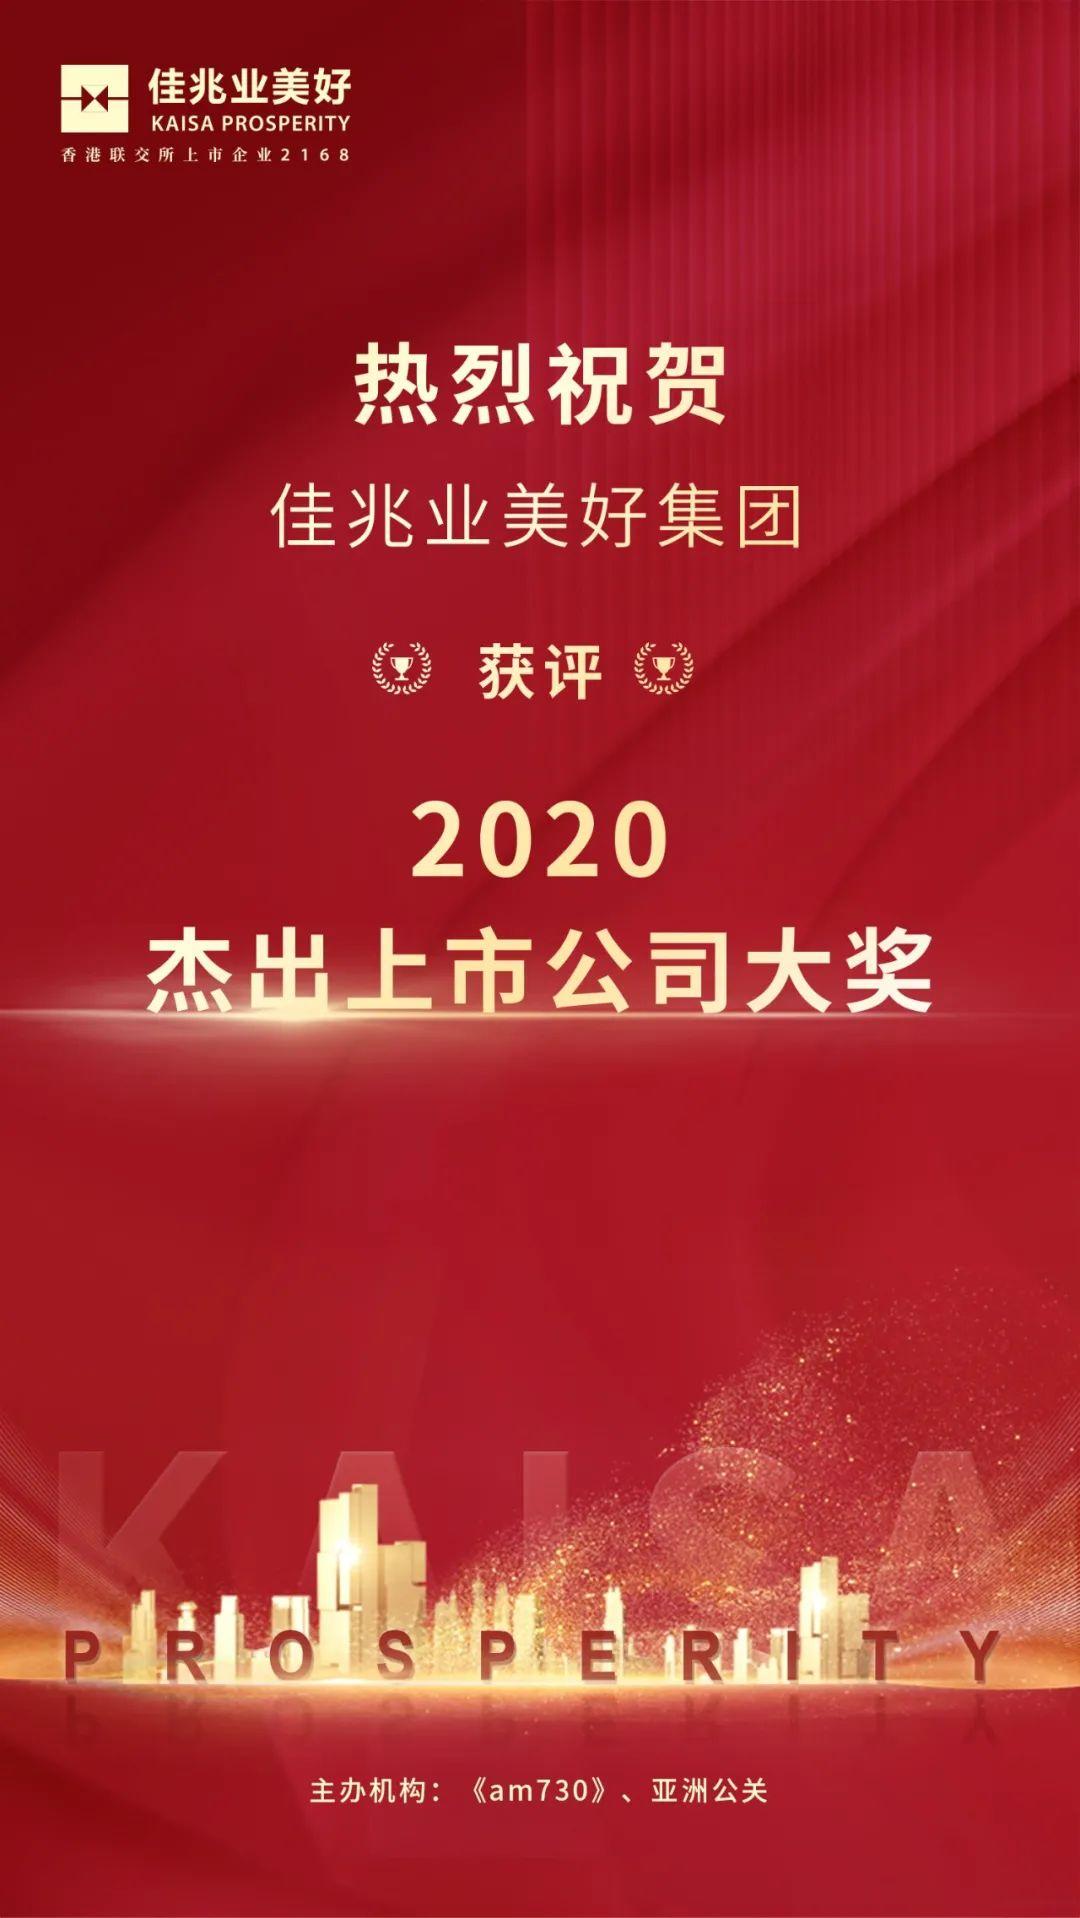 微信图片_20201215174014.jpg